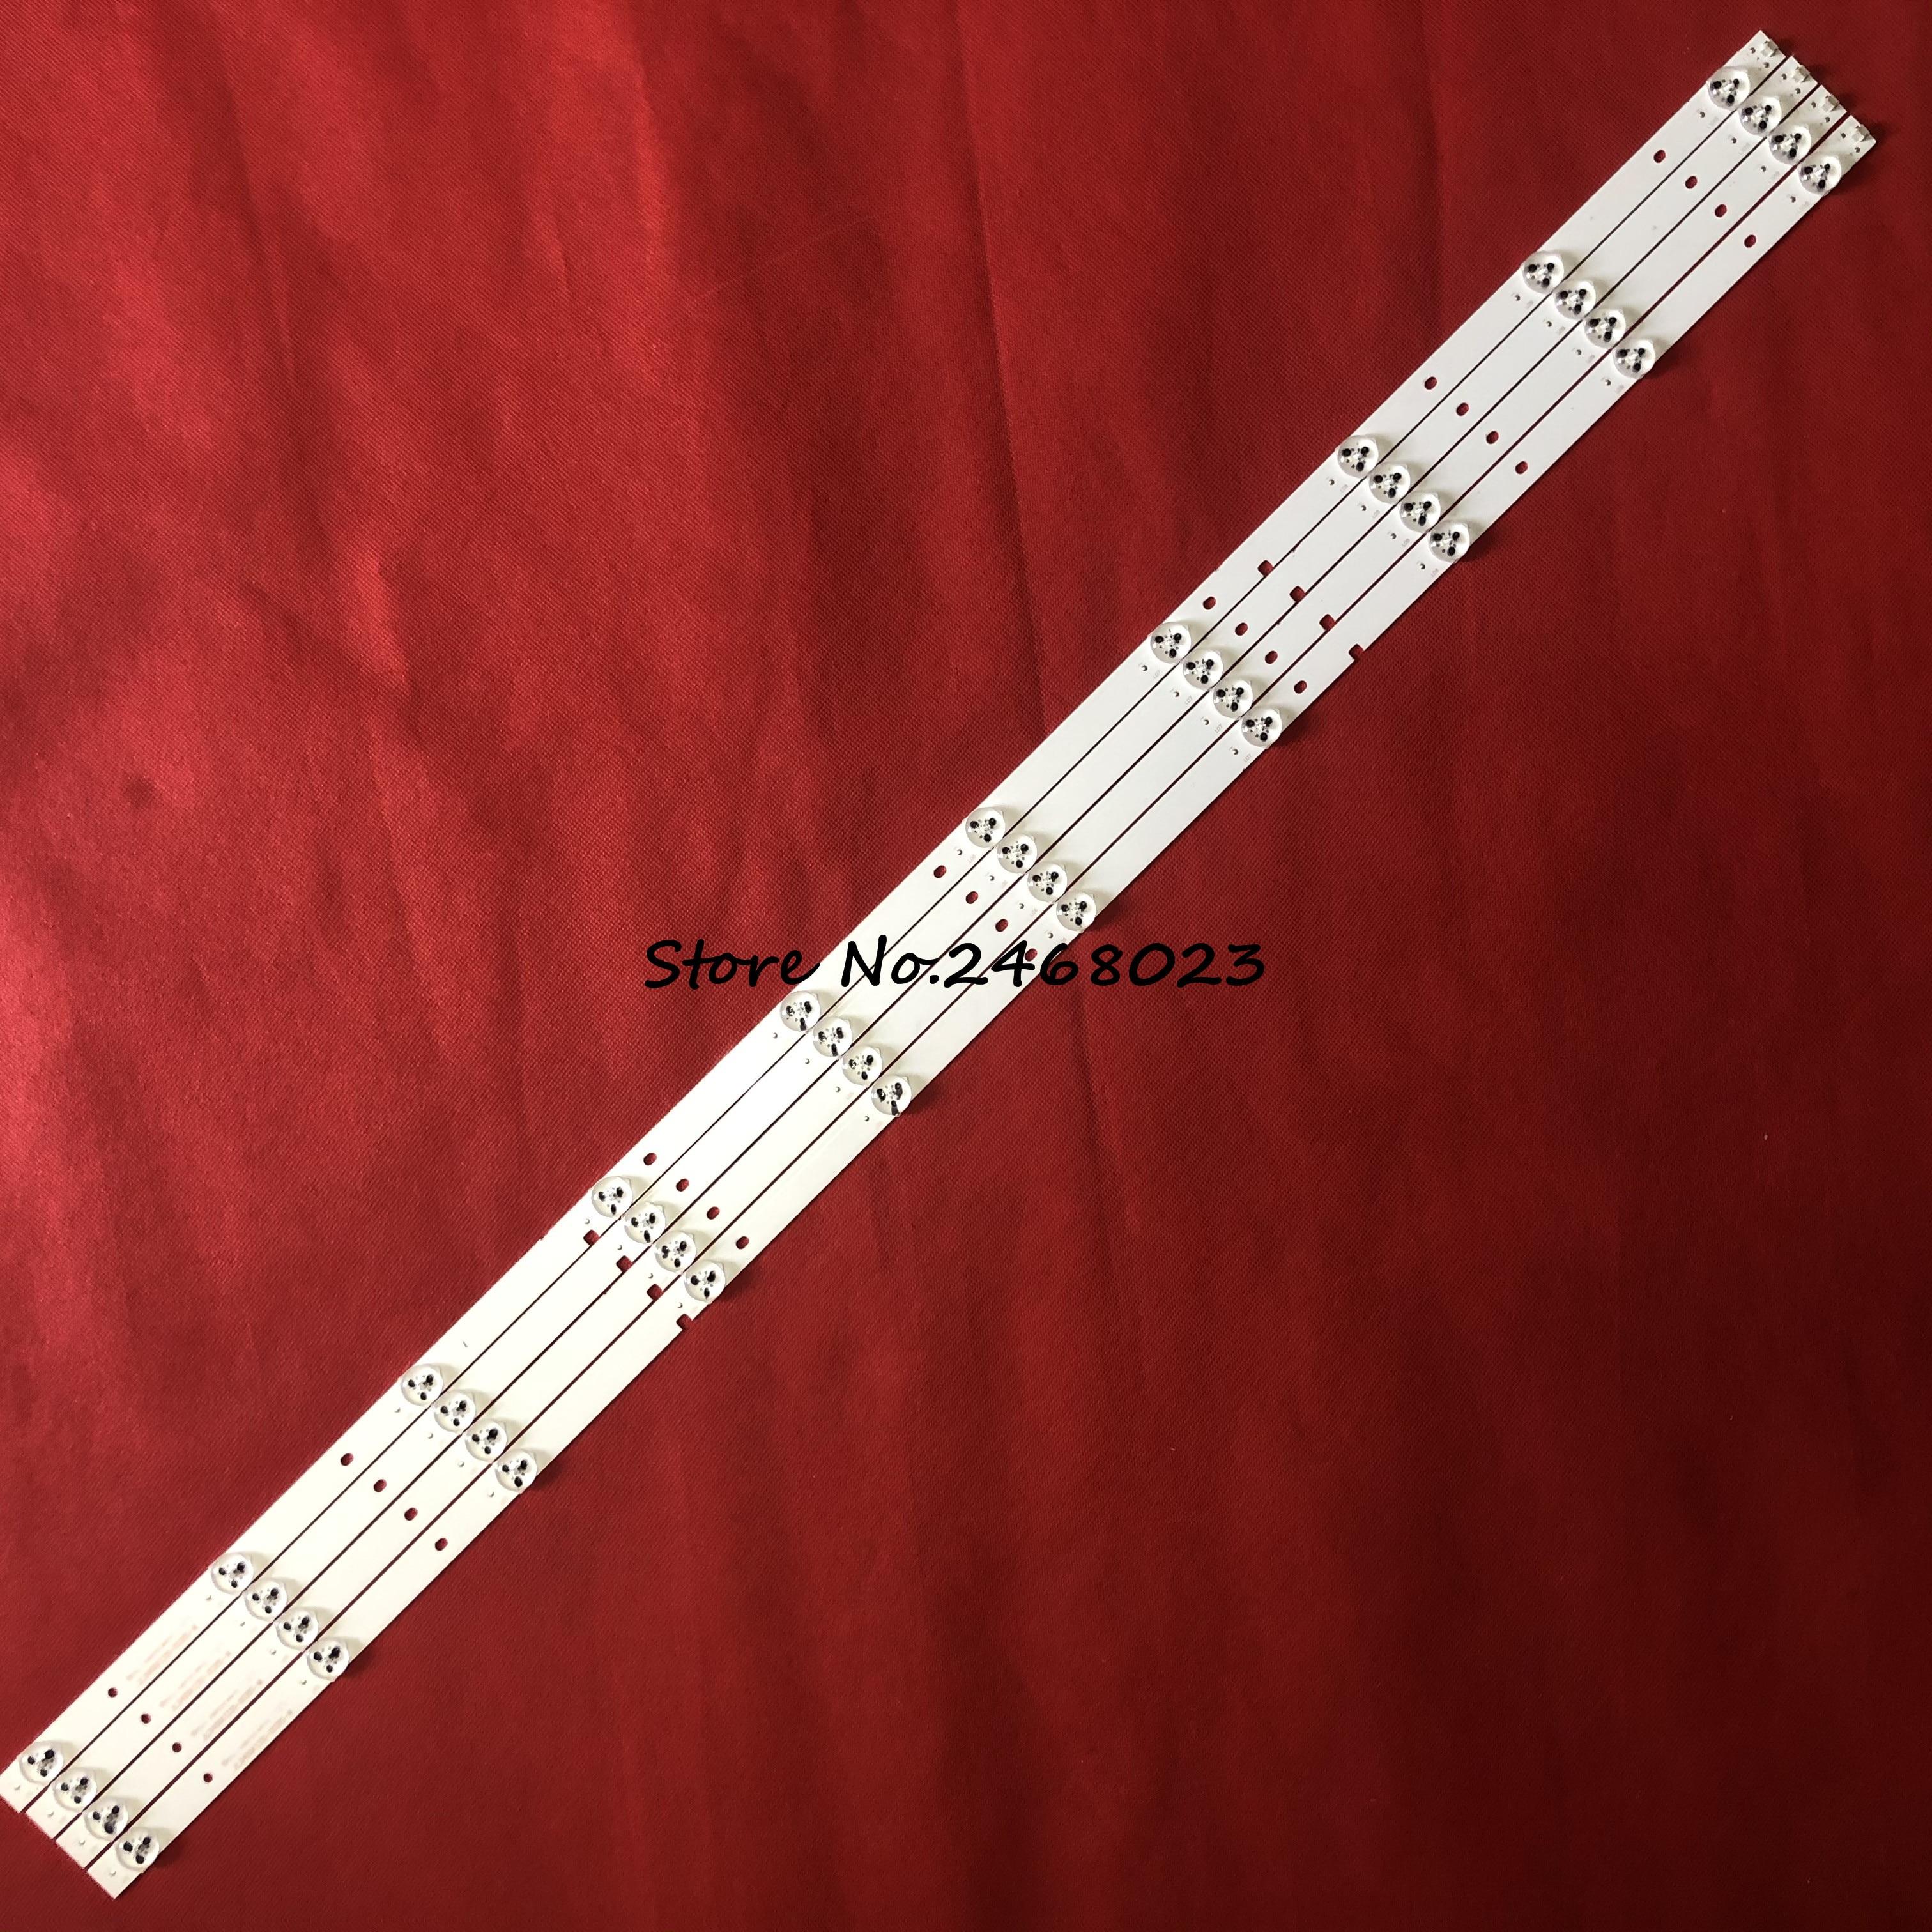 Светодиодный Подсветка полосы 10 лампы для Hisense 49 дюймов ТВ H49M2600 H49M2100 JL.D490A1330-003BS-M светодиодный 49H2600 светодиодный 49K300U JHD490N2F81 \ S0